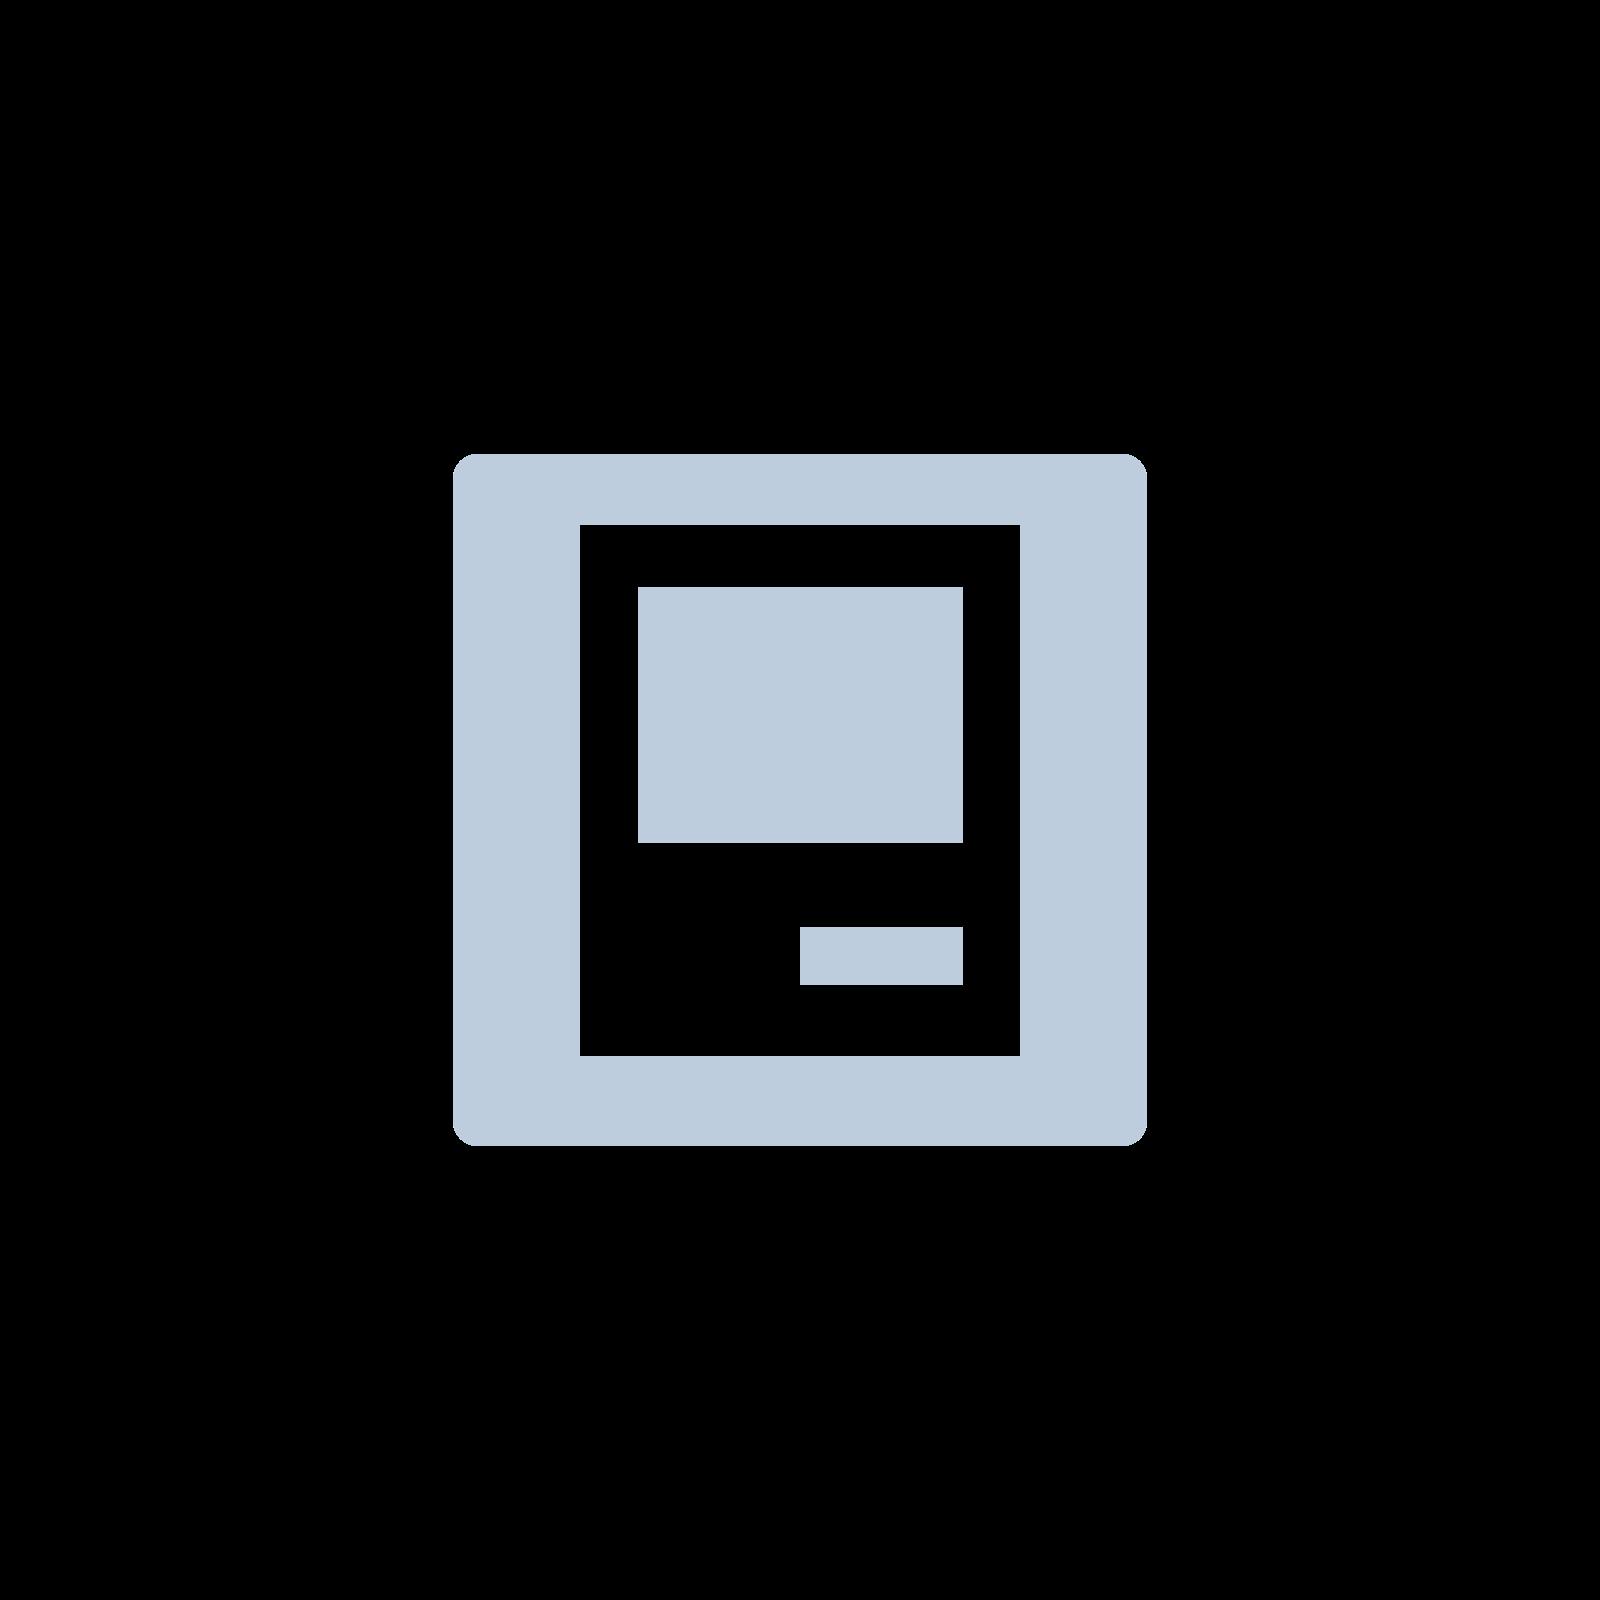 iPad (5th Gen) 128GB Wi-Fi + Cellular Space Grau